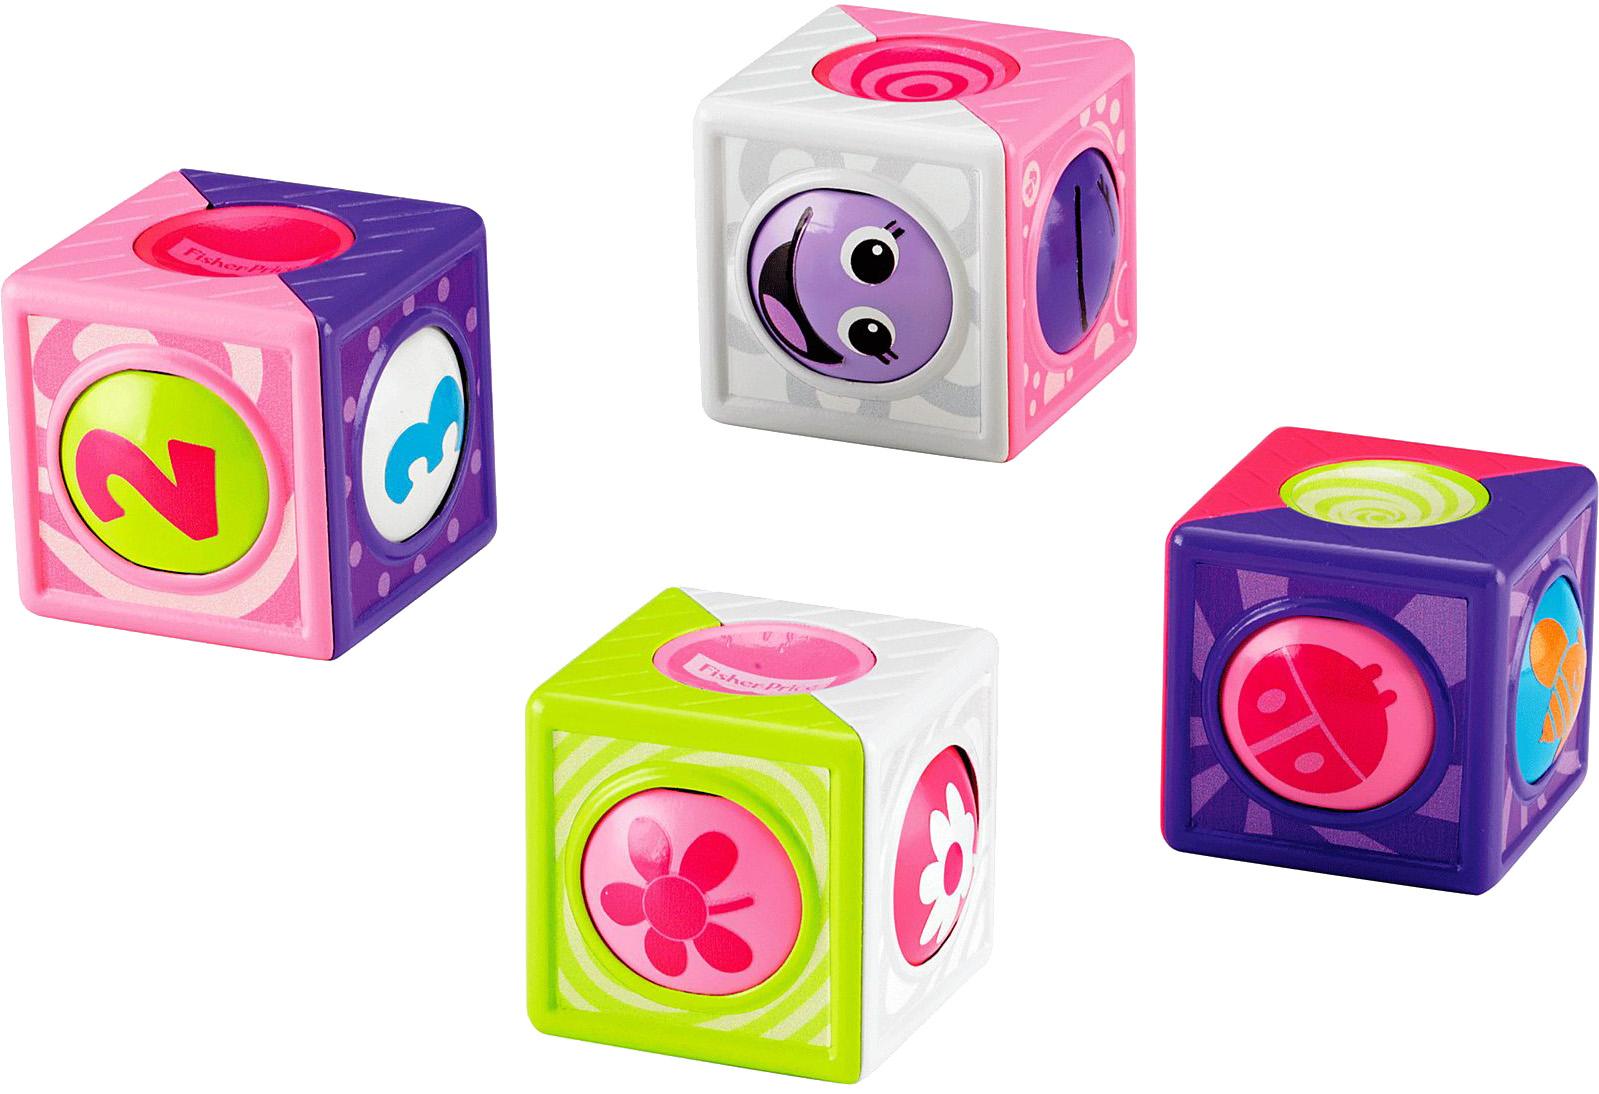 Купить Кубики для малышей, Волшебные, 1шт., Fisher Price CBL33, Китай, в ассортименте